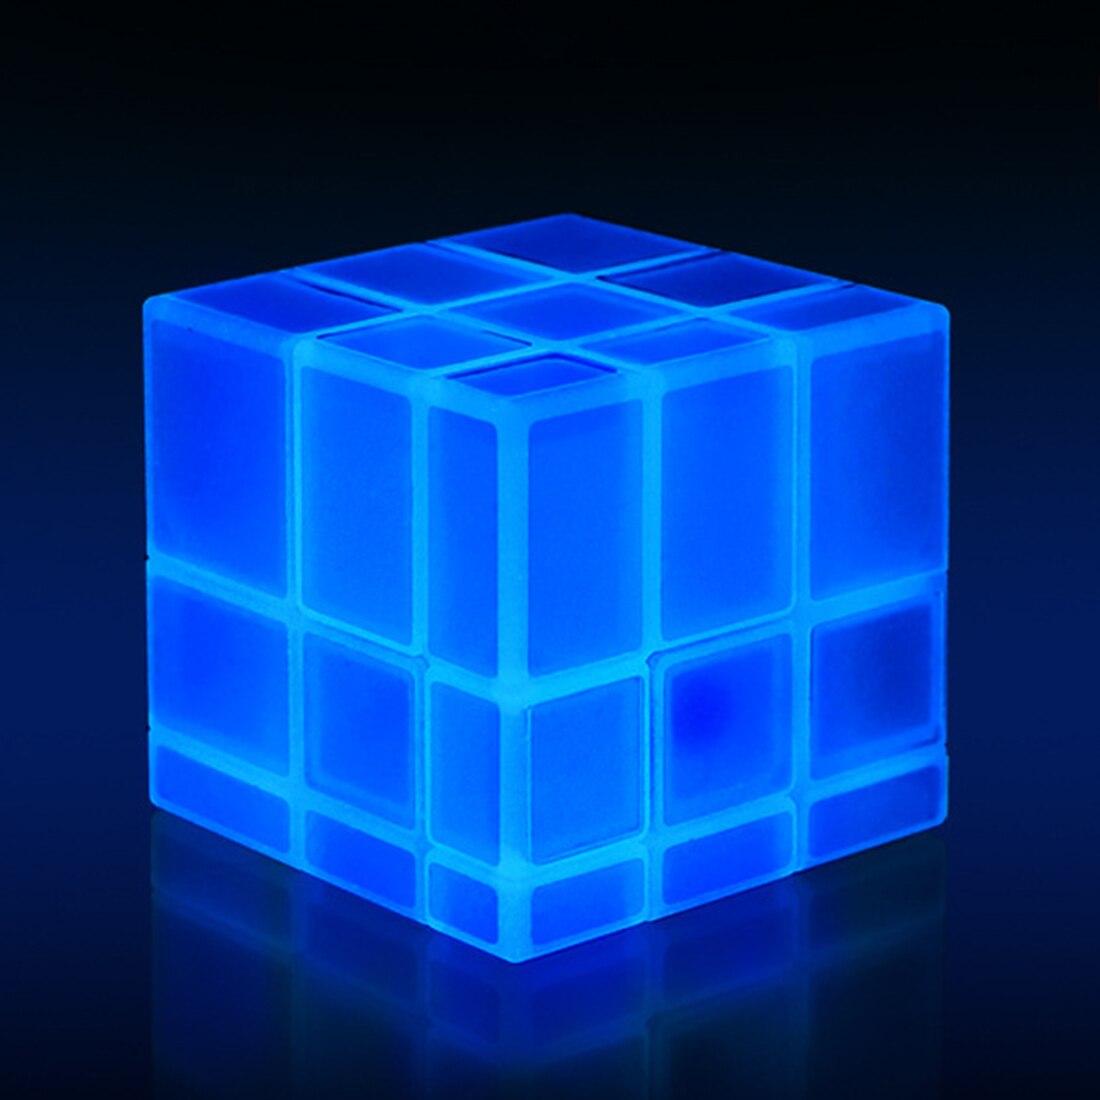 Зеркальные блоки QiYi 3X3X3, светящийся магический куб-головоломка, профессиональный обучающий и обучающий куб, Классические игрушки